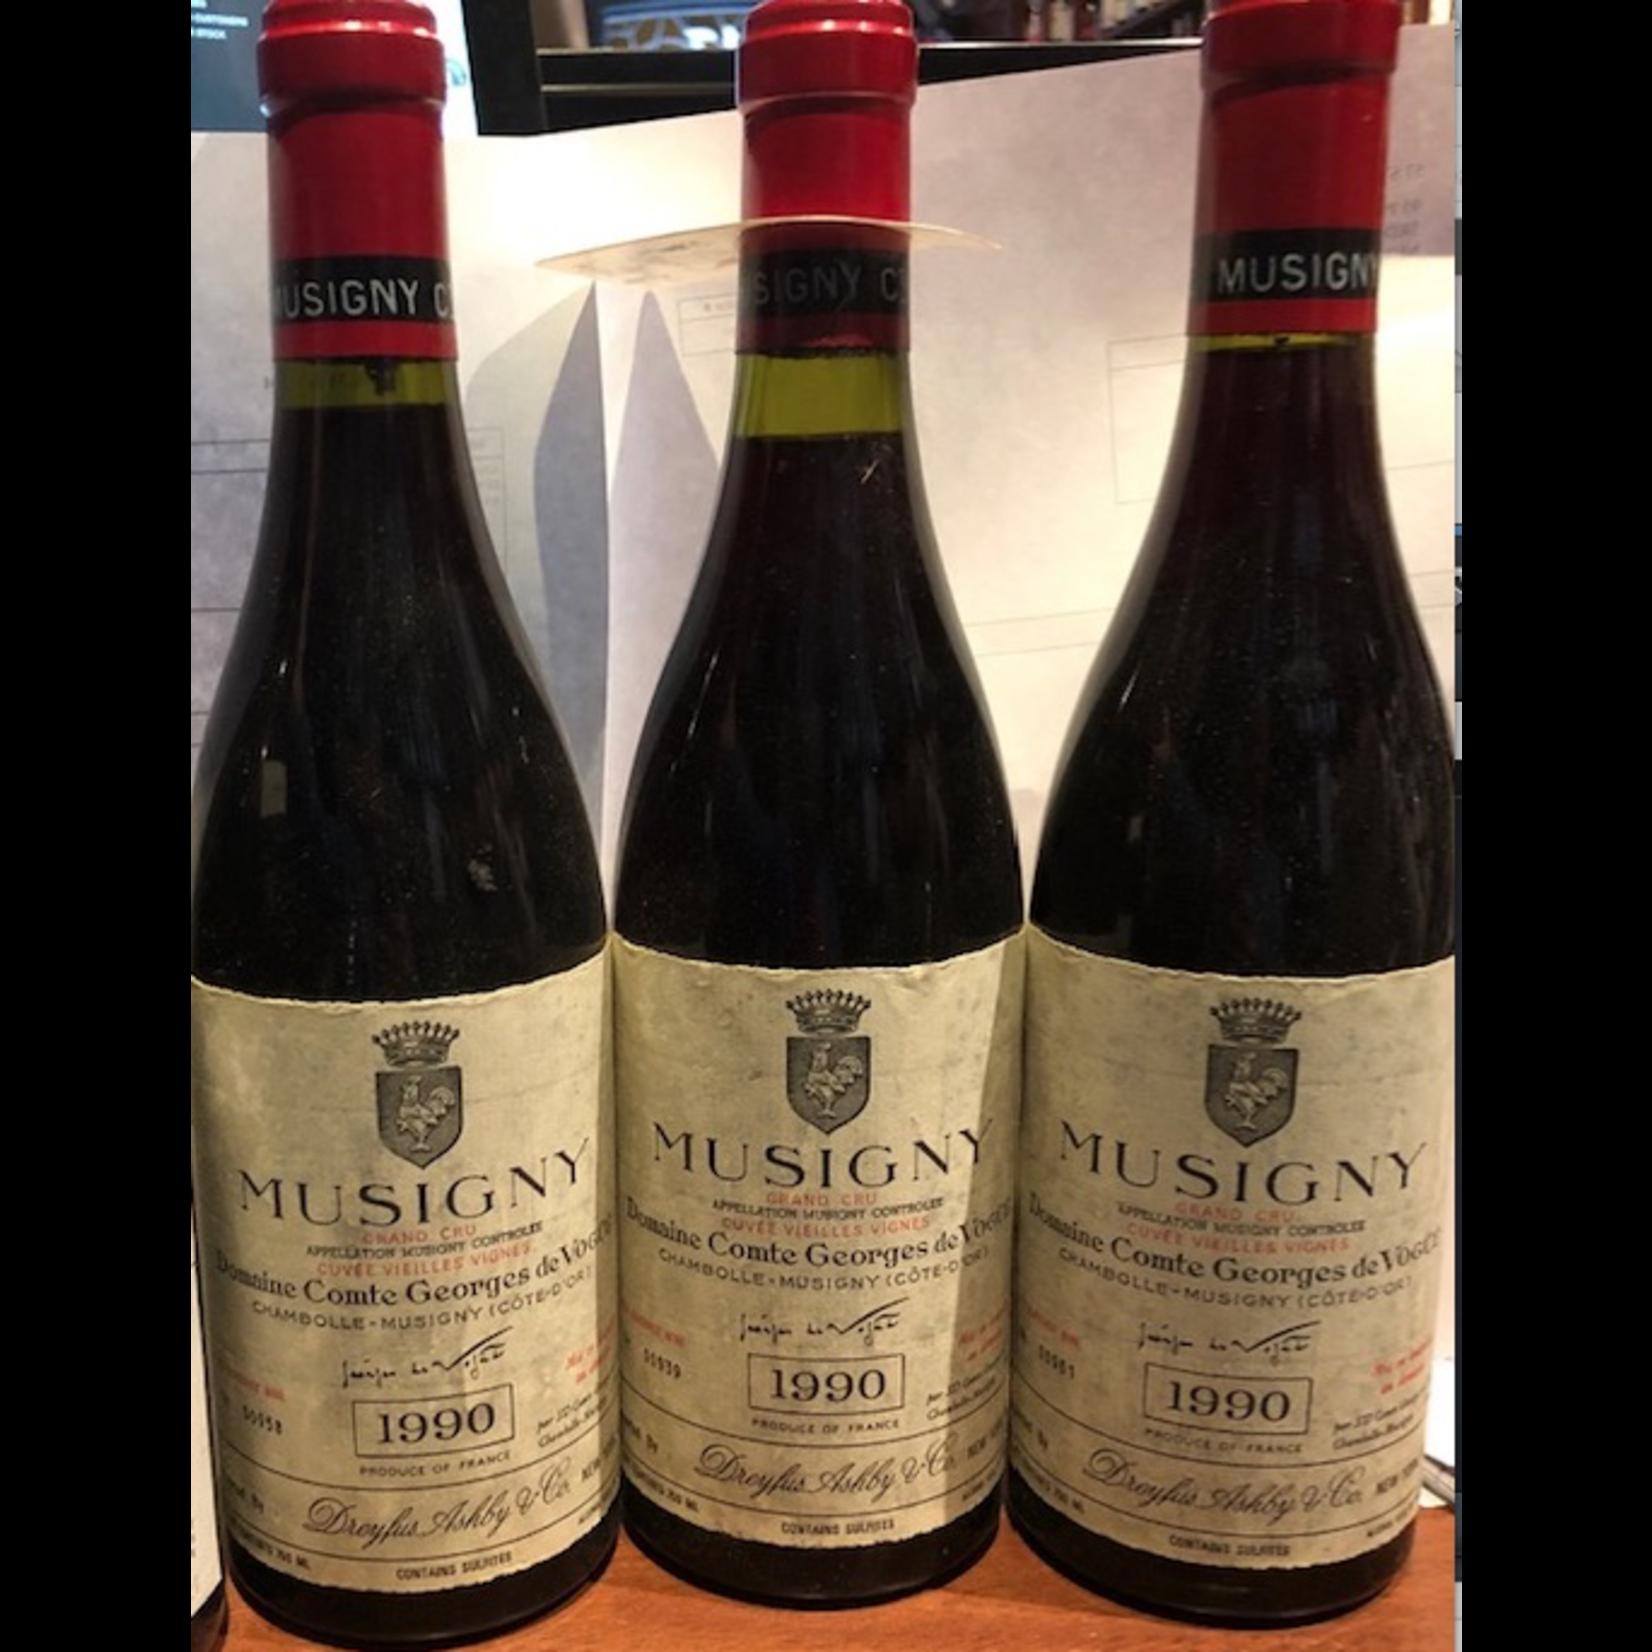 Wine Domaine Comte Georges de Vogue Musigny Grand Cru Vieilles Vignes 1990